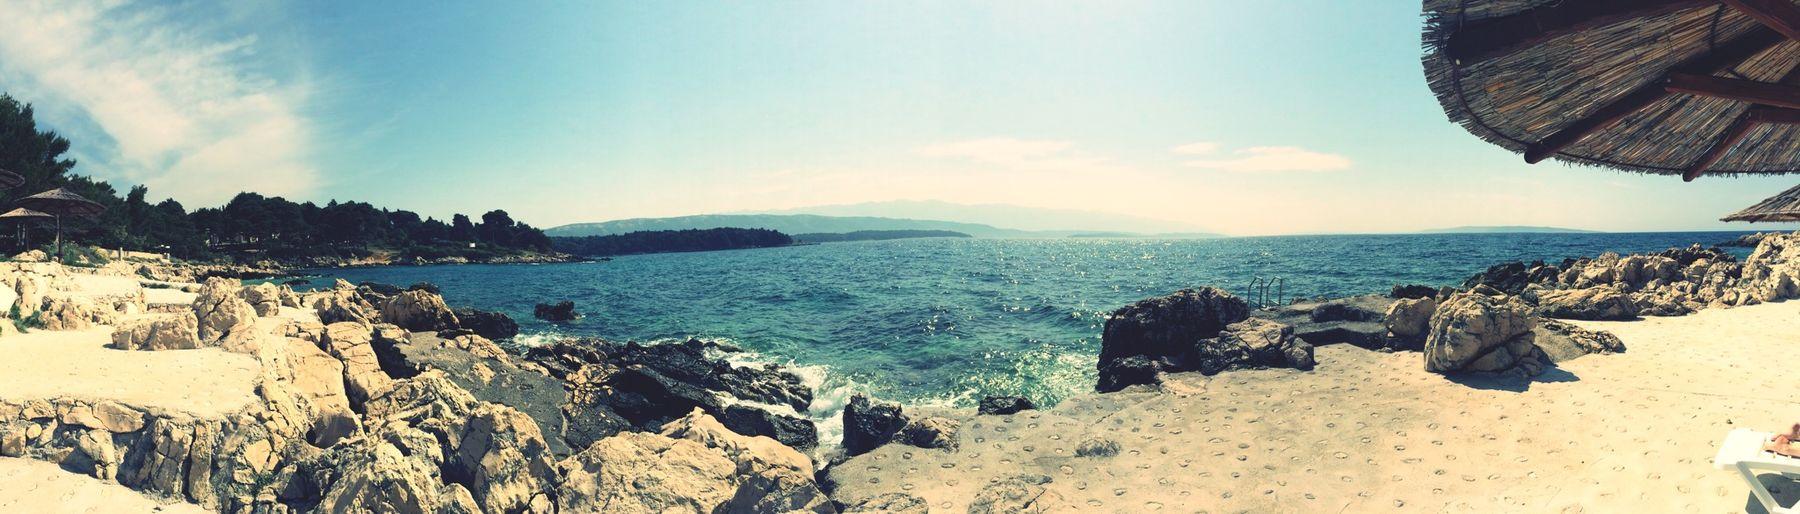 Med. Sea